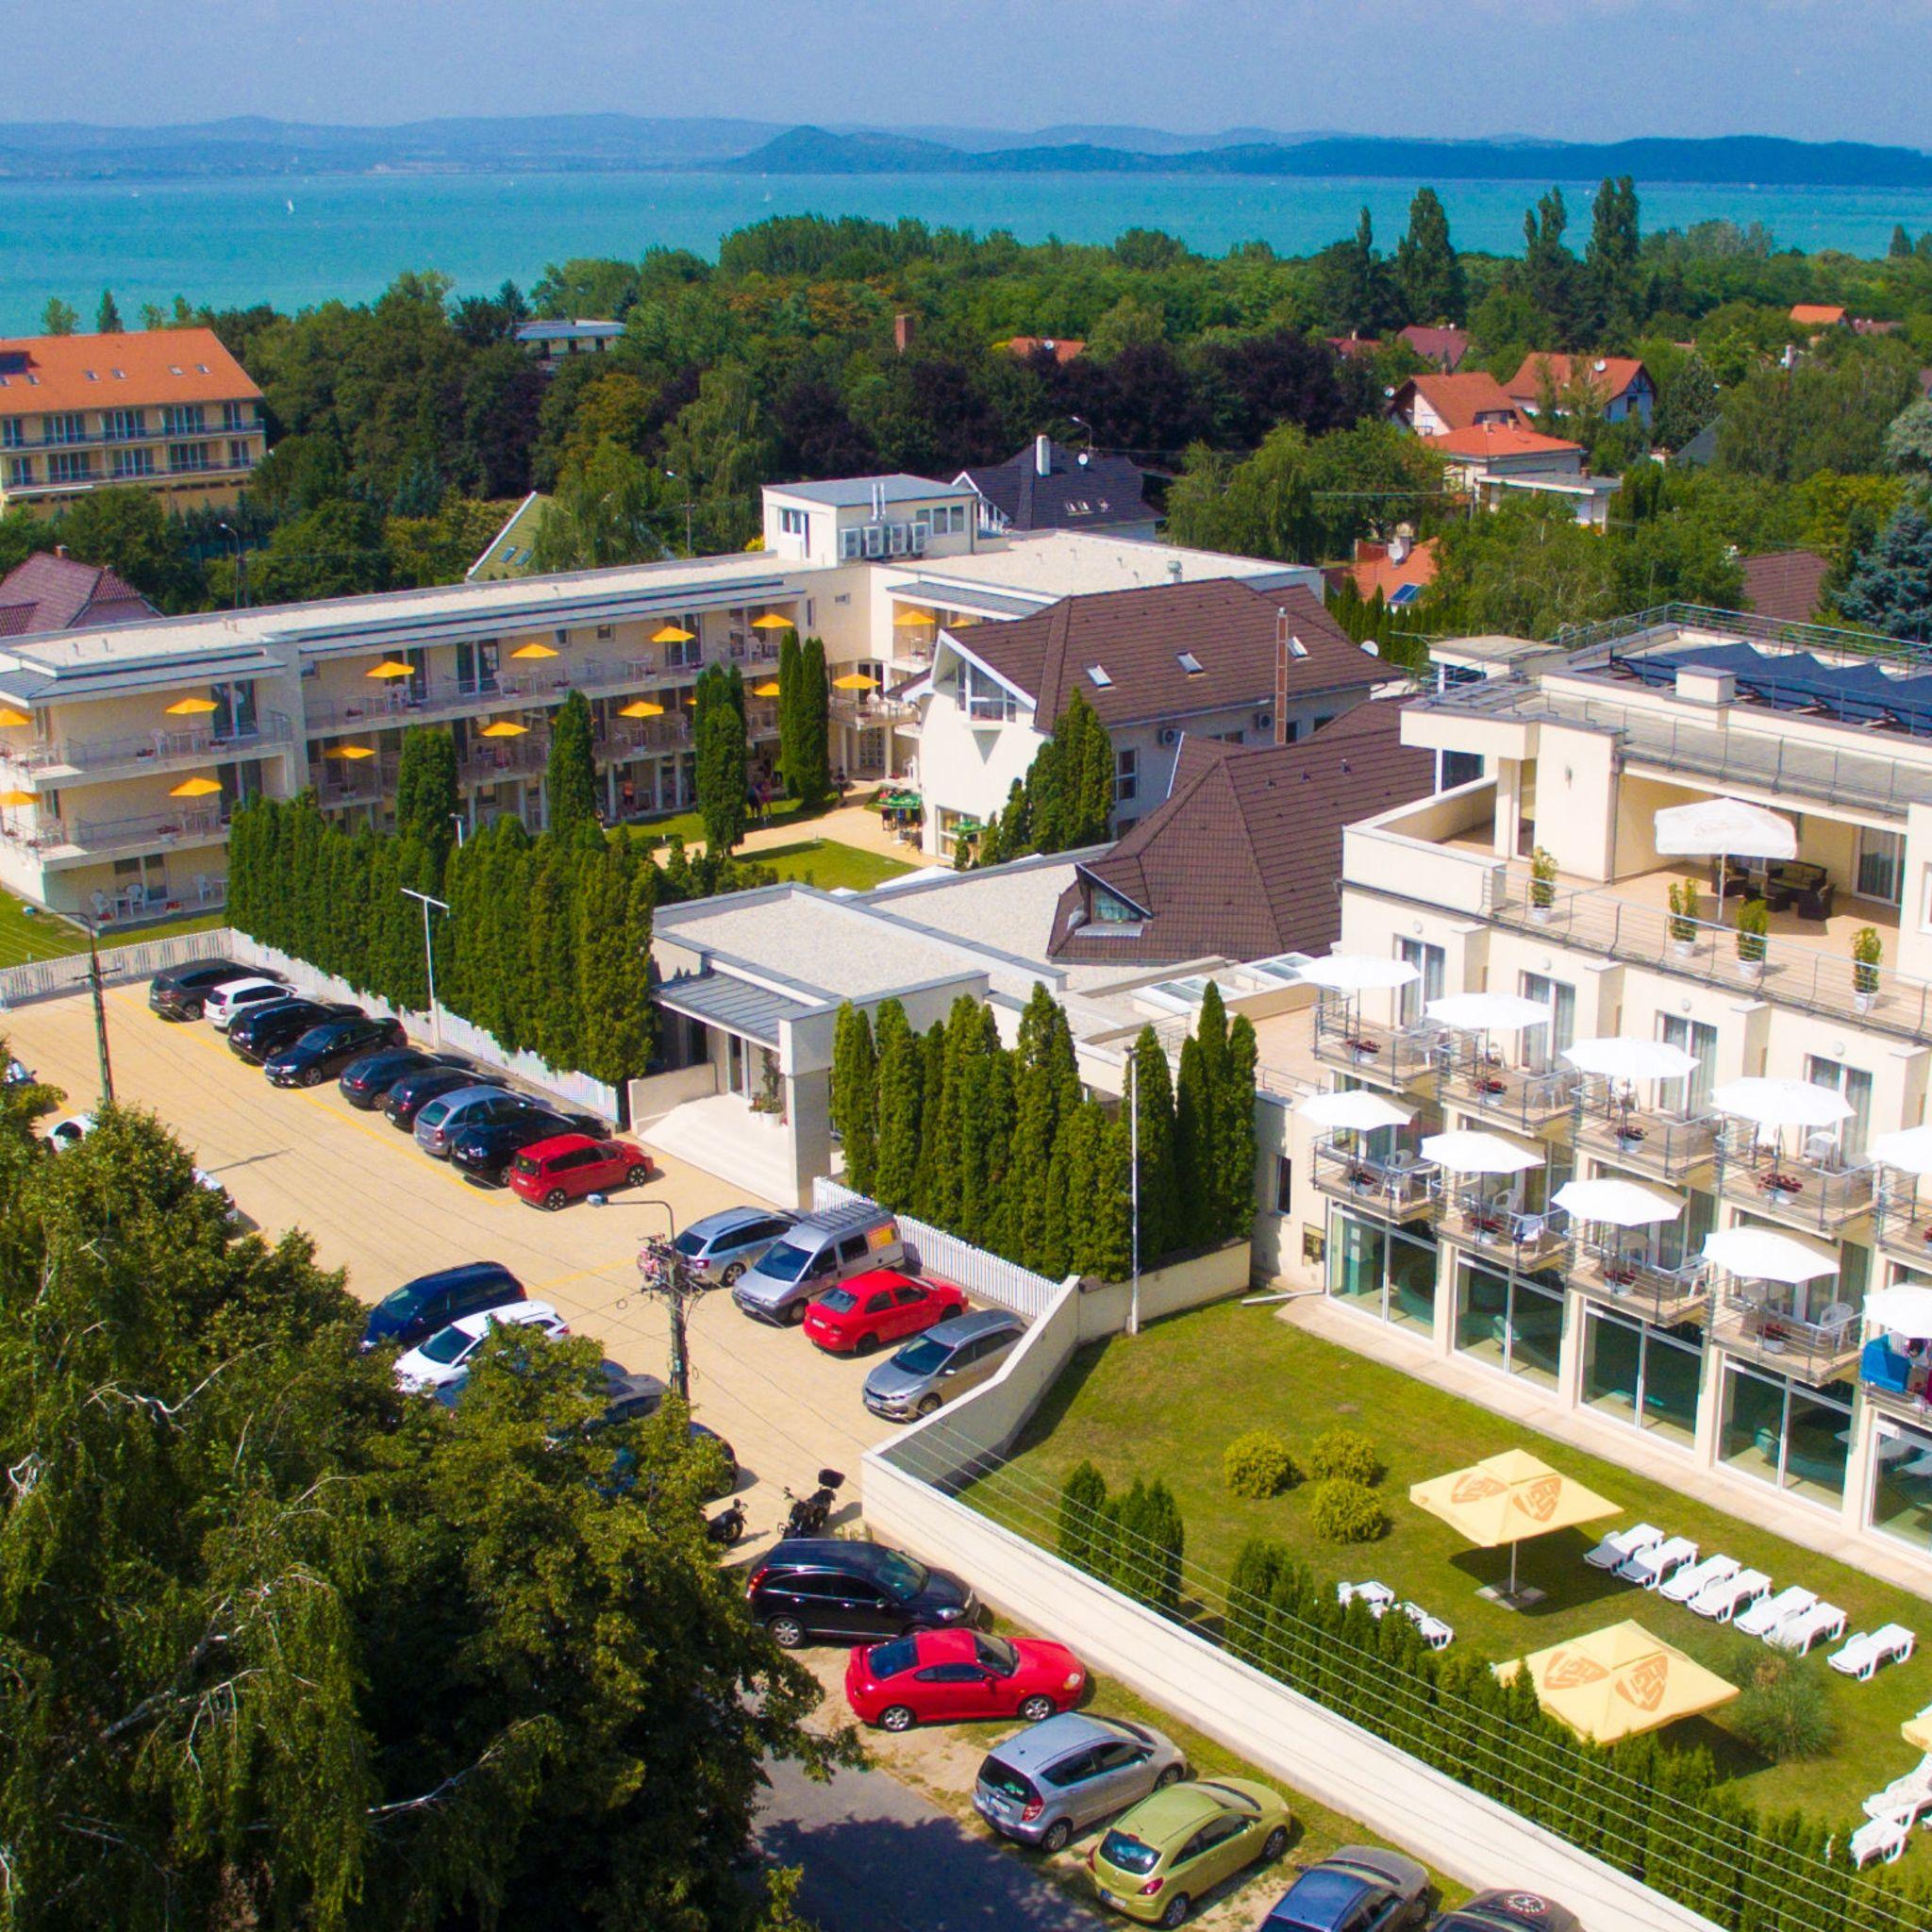 Két Korona Konferencia és Wellness Hotel Balatonszárszó - Két Korona Hotel-Légifotó